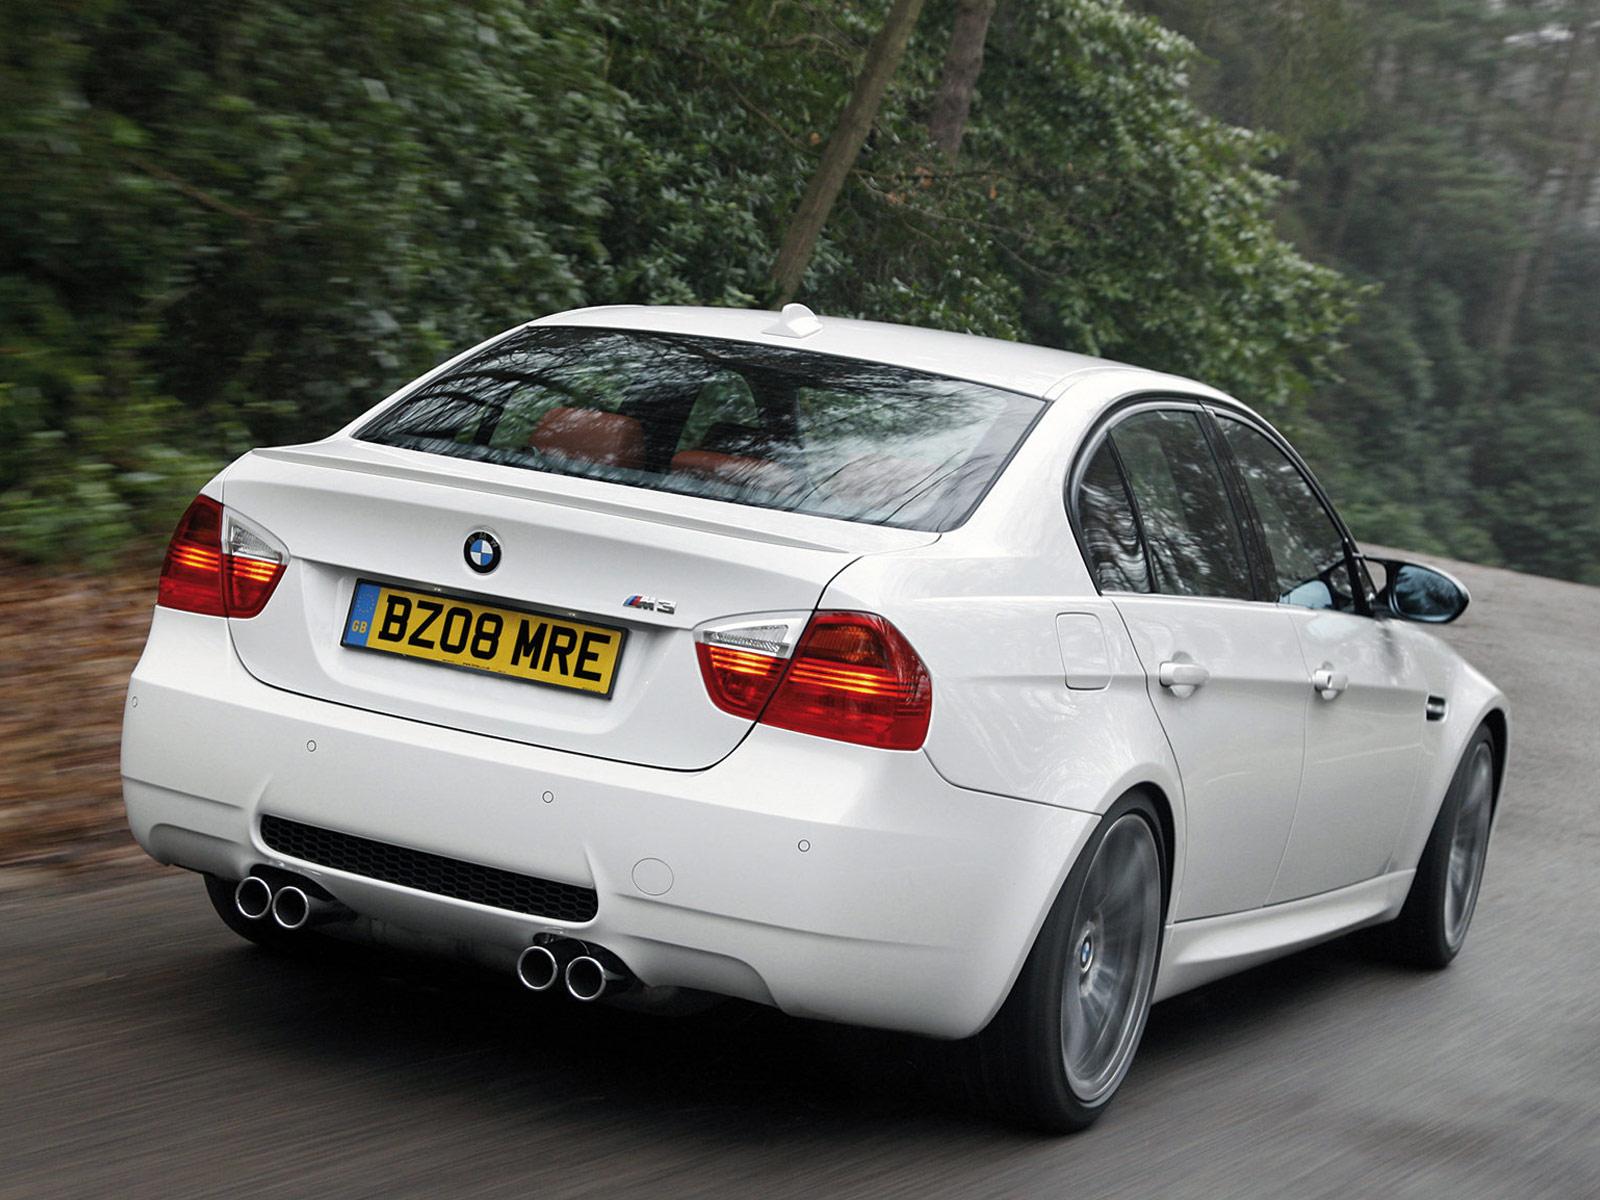 2009 BMW M3 Saloon UK Version car wallpapers